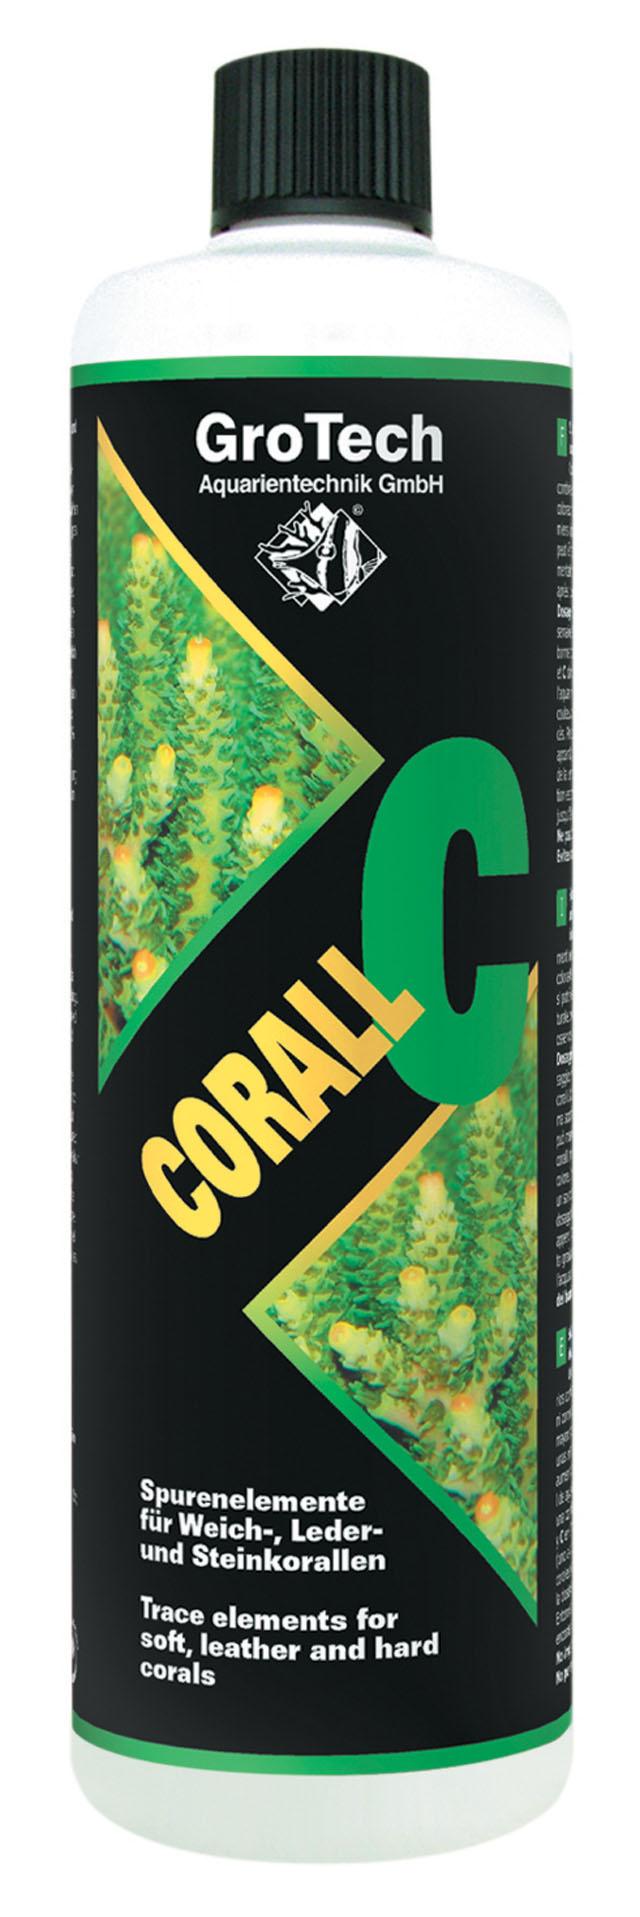 GROTECH Corall C 100 ml apporte les oligo-éléments essentiels aux coraux mous, cuirs et coraux durs